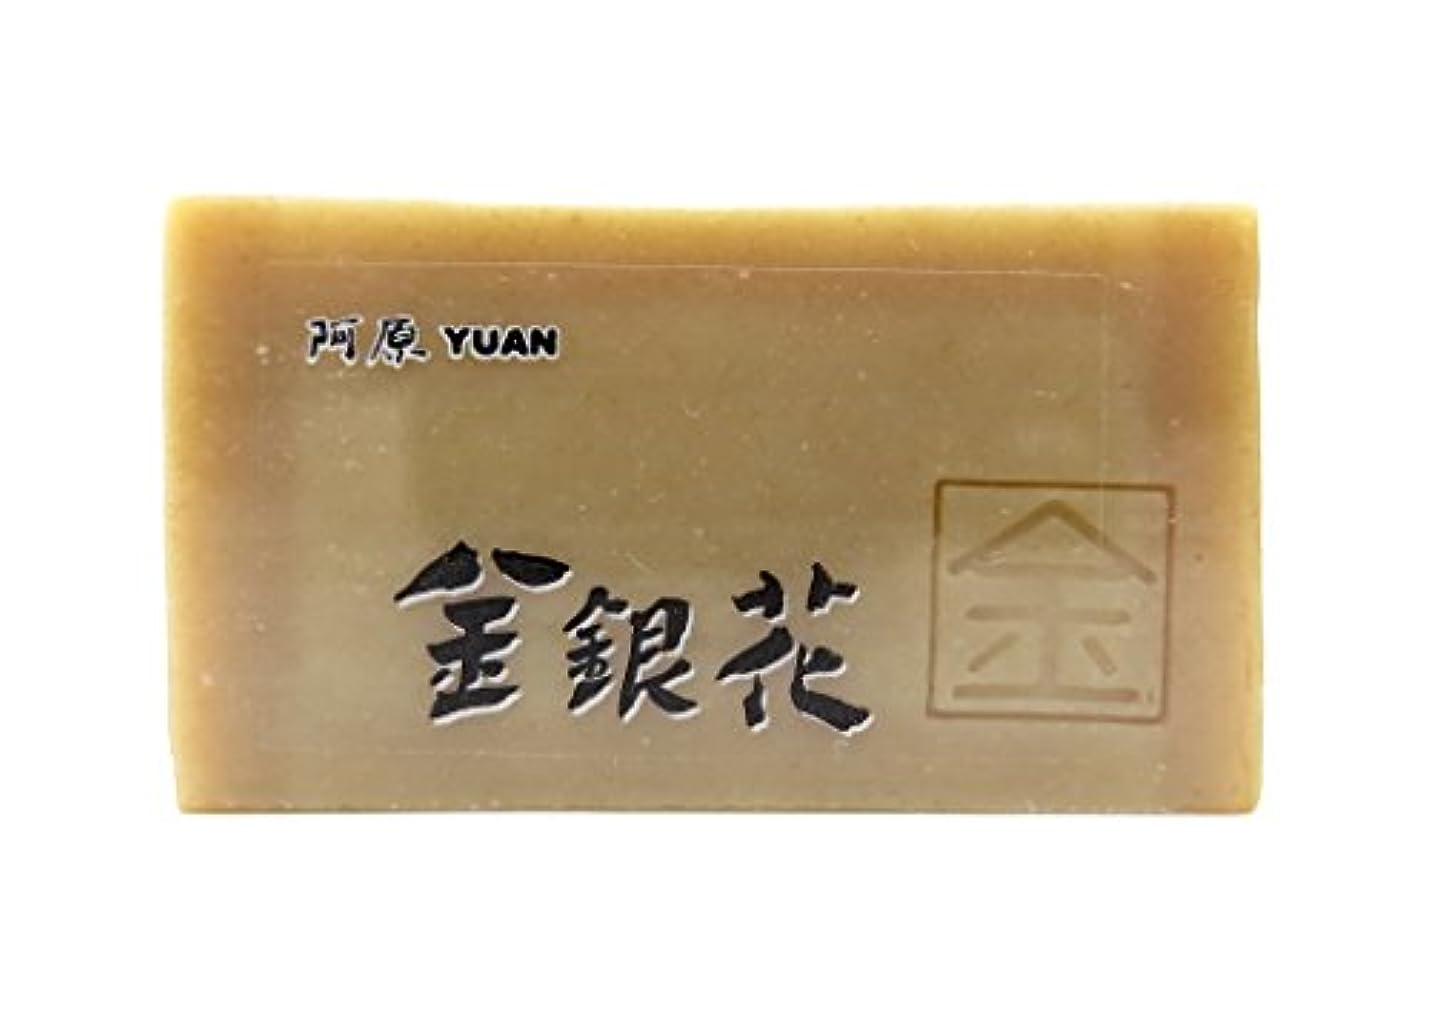 説明する然とした転倒ユアン(YUAN) 金銀花(きんぎんか)ソープ 固形 100g (阿原 ユアンソープ)